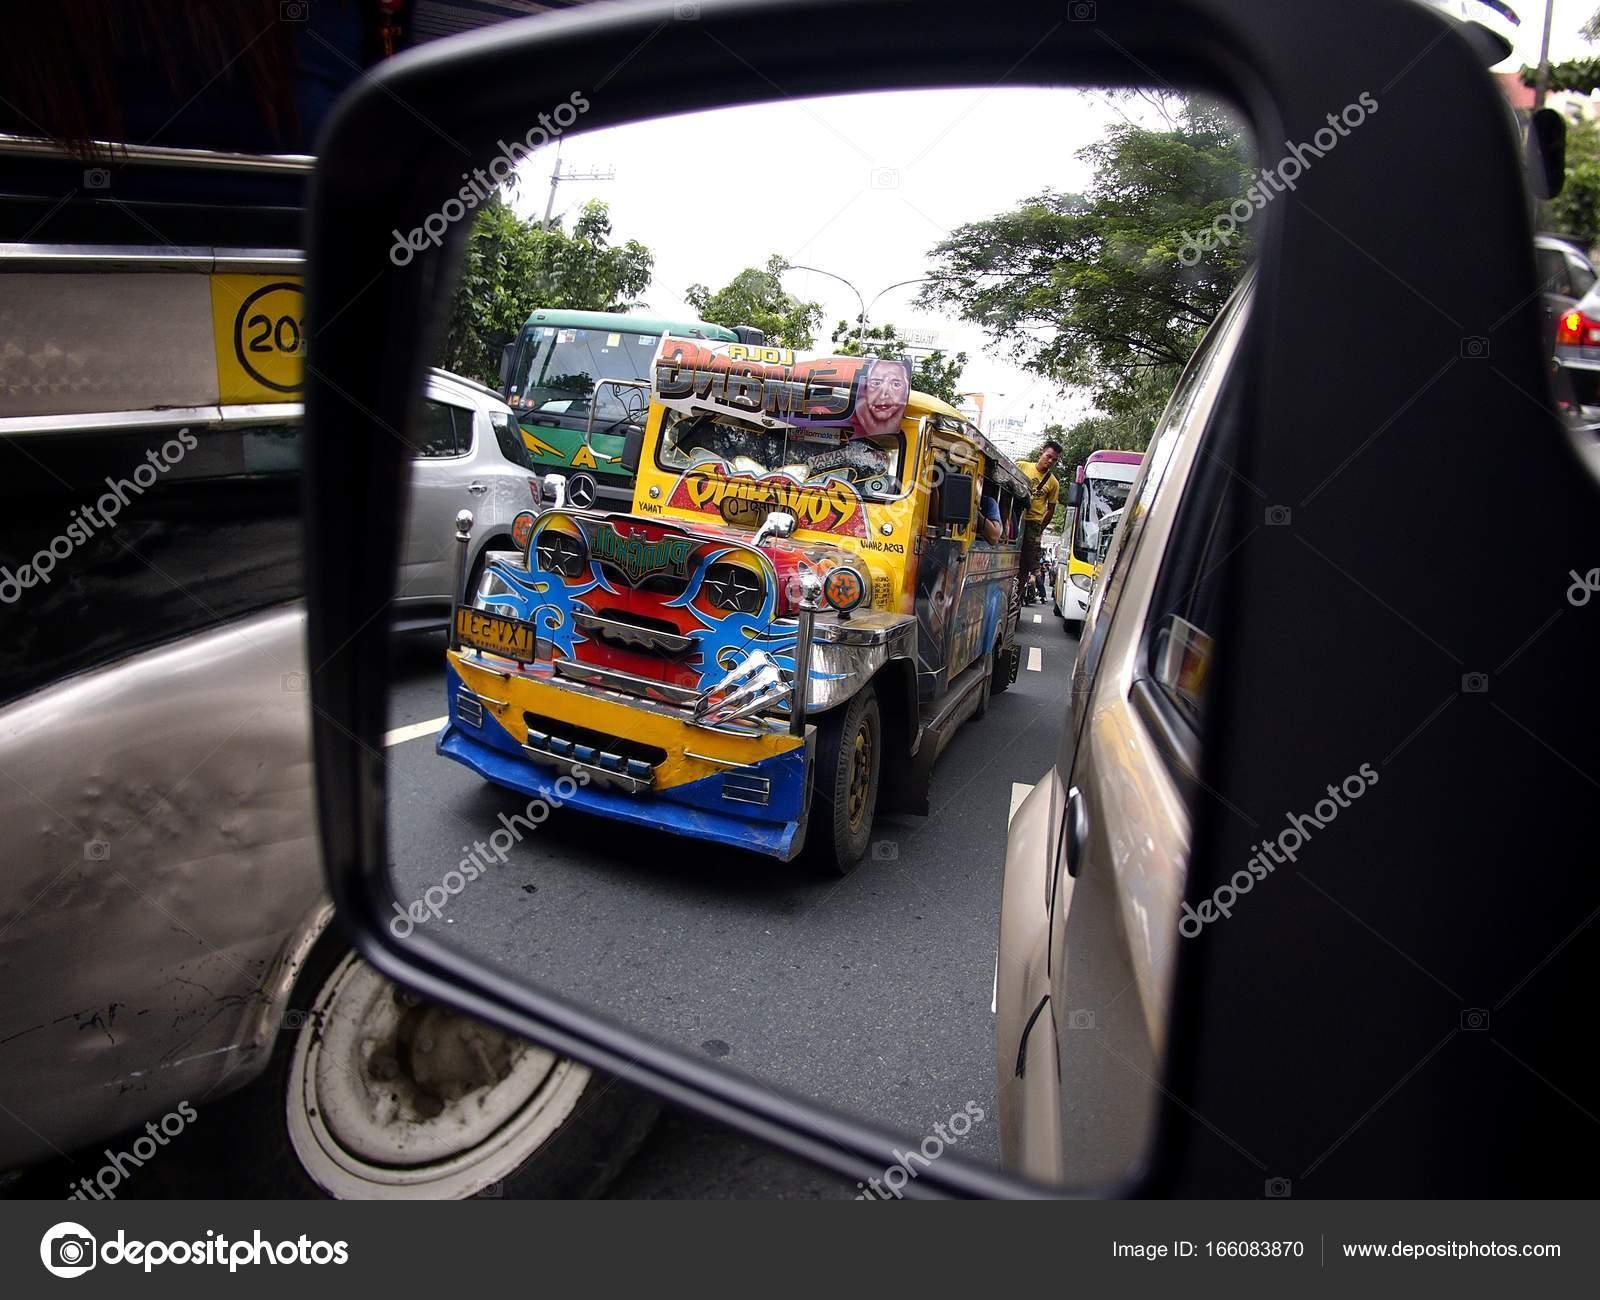 Pasig City, Philippines   31 Août 2017 : Un Passager Coloré Jeepney à  Partir Du0027un Miroir De Côté Du0027une Voiture U2014 Image De Junpinzon